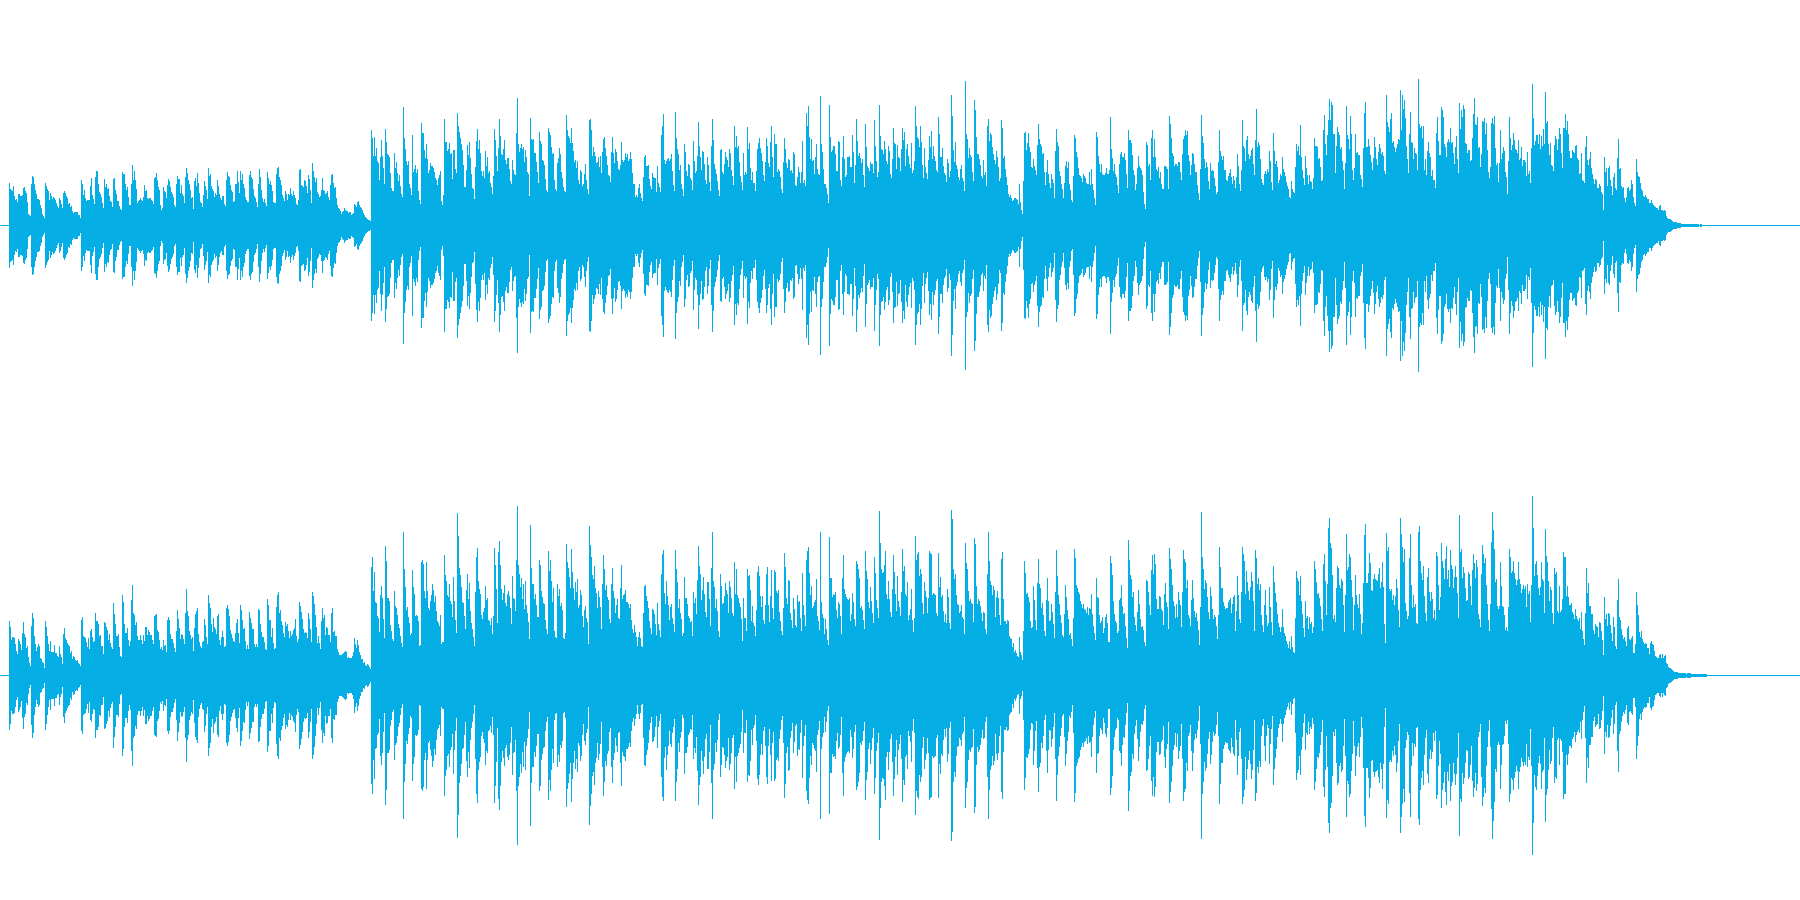 愁いを秘めたセンチメンタルなバラードの再生済みの波形